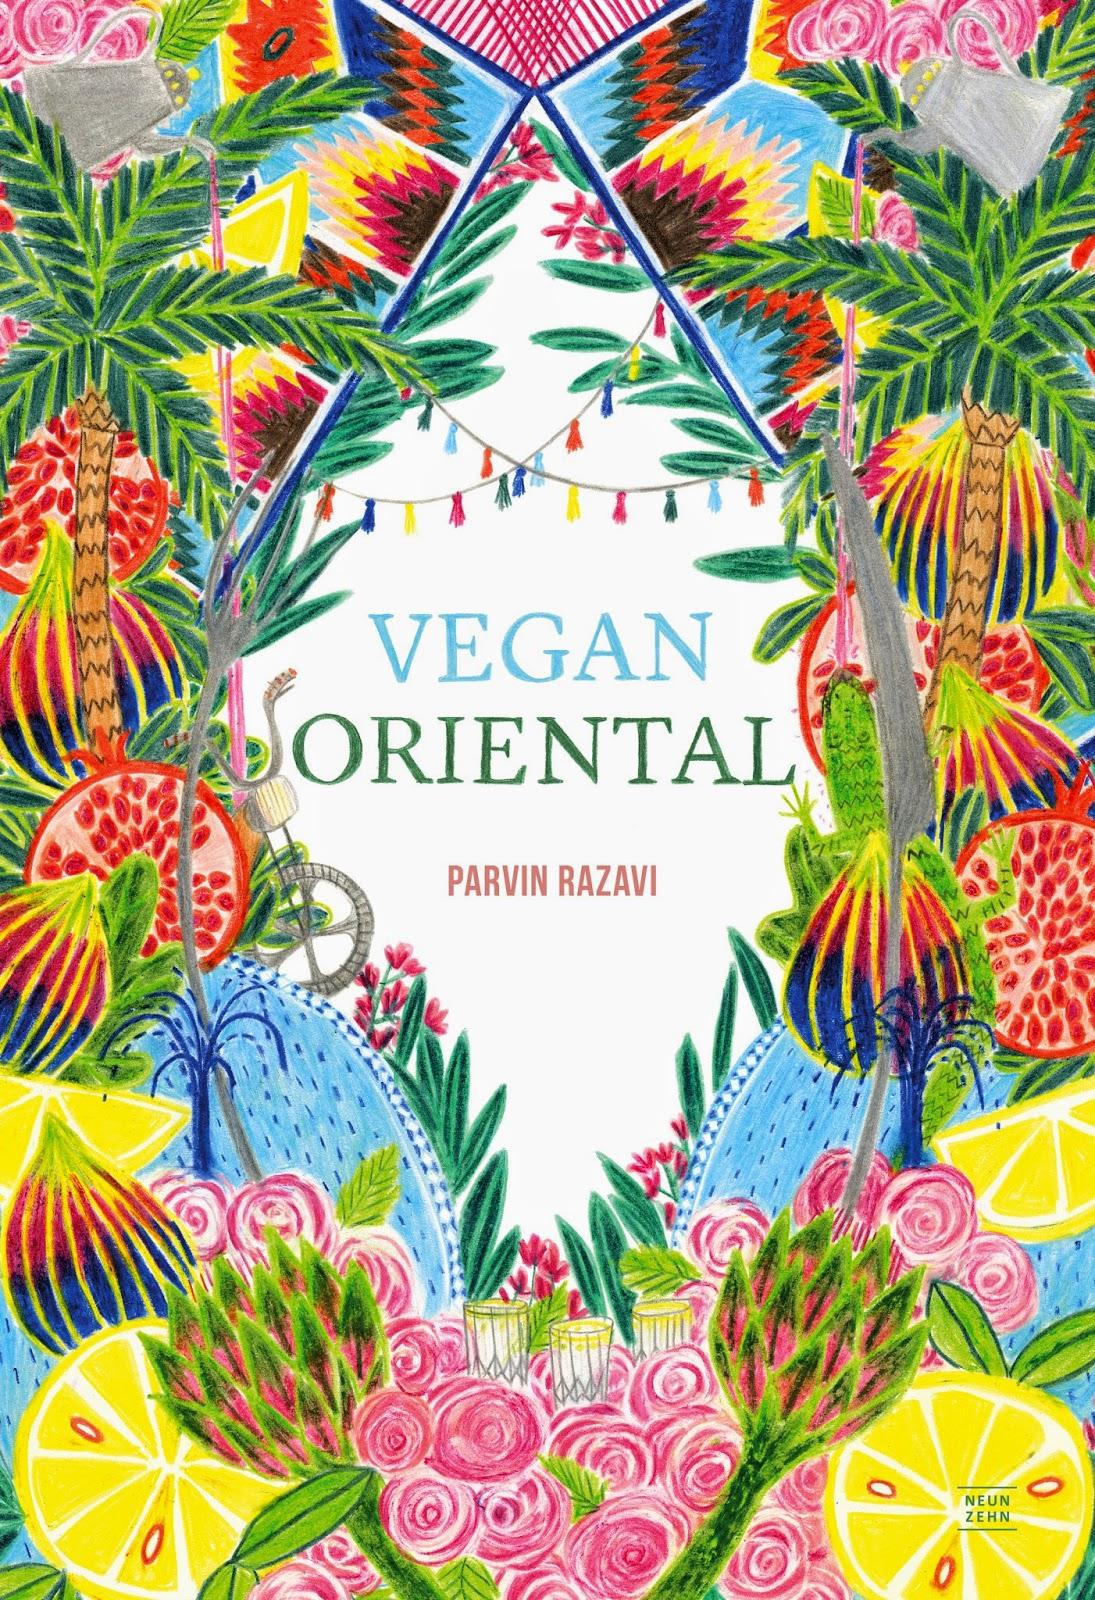 Vegan Oriental von Parvin Razavi Cover